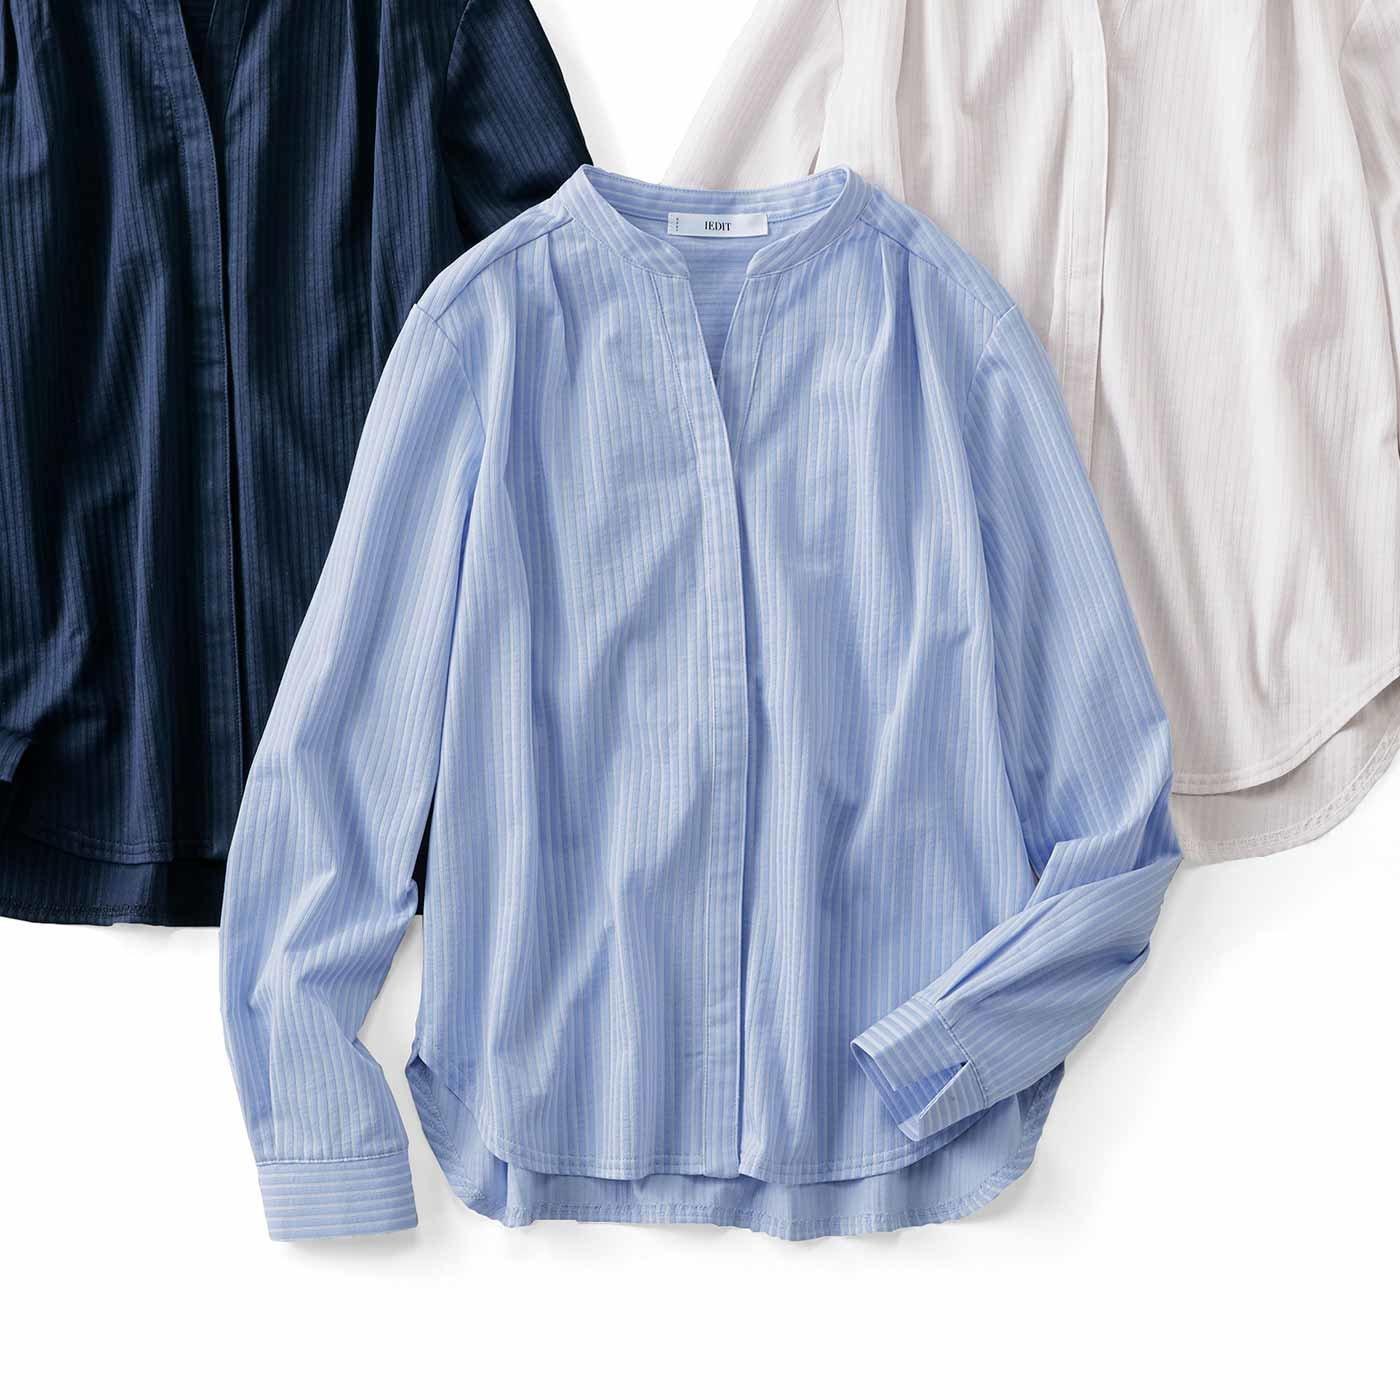 IEDIT[イディット] きちんとシャツ見えする らくちん伸びやかなカットソーシャツブラウスの会(3回エントリー)